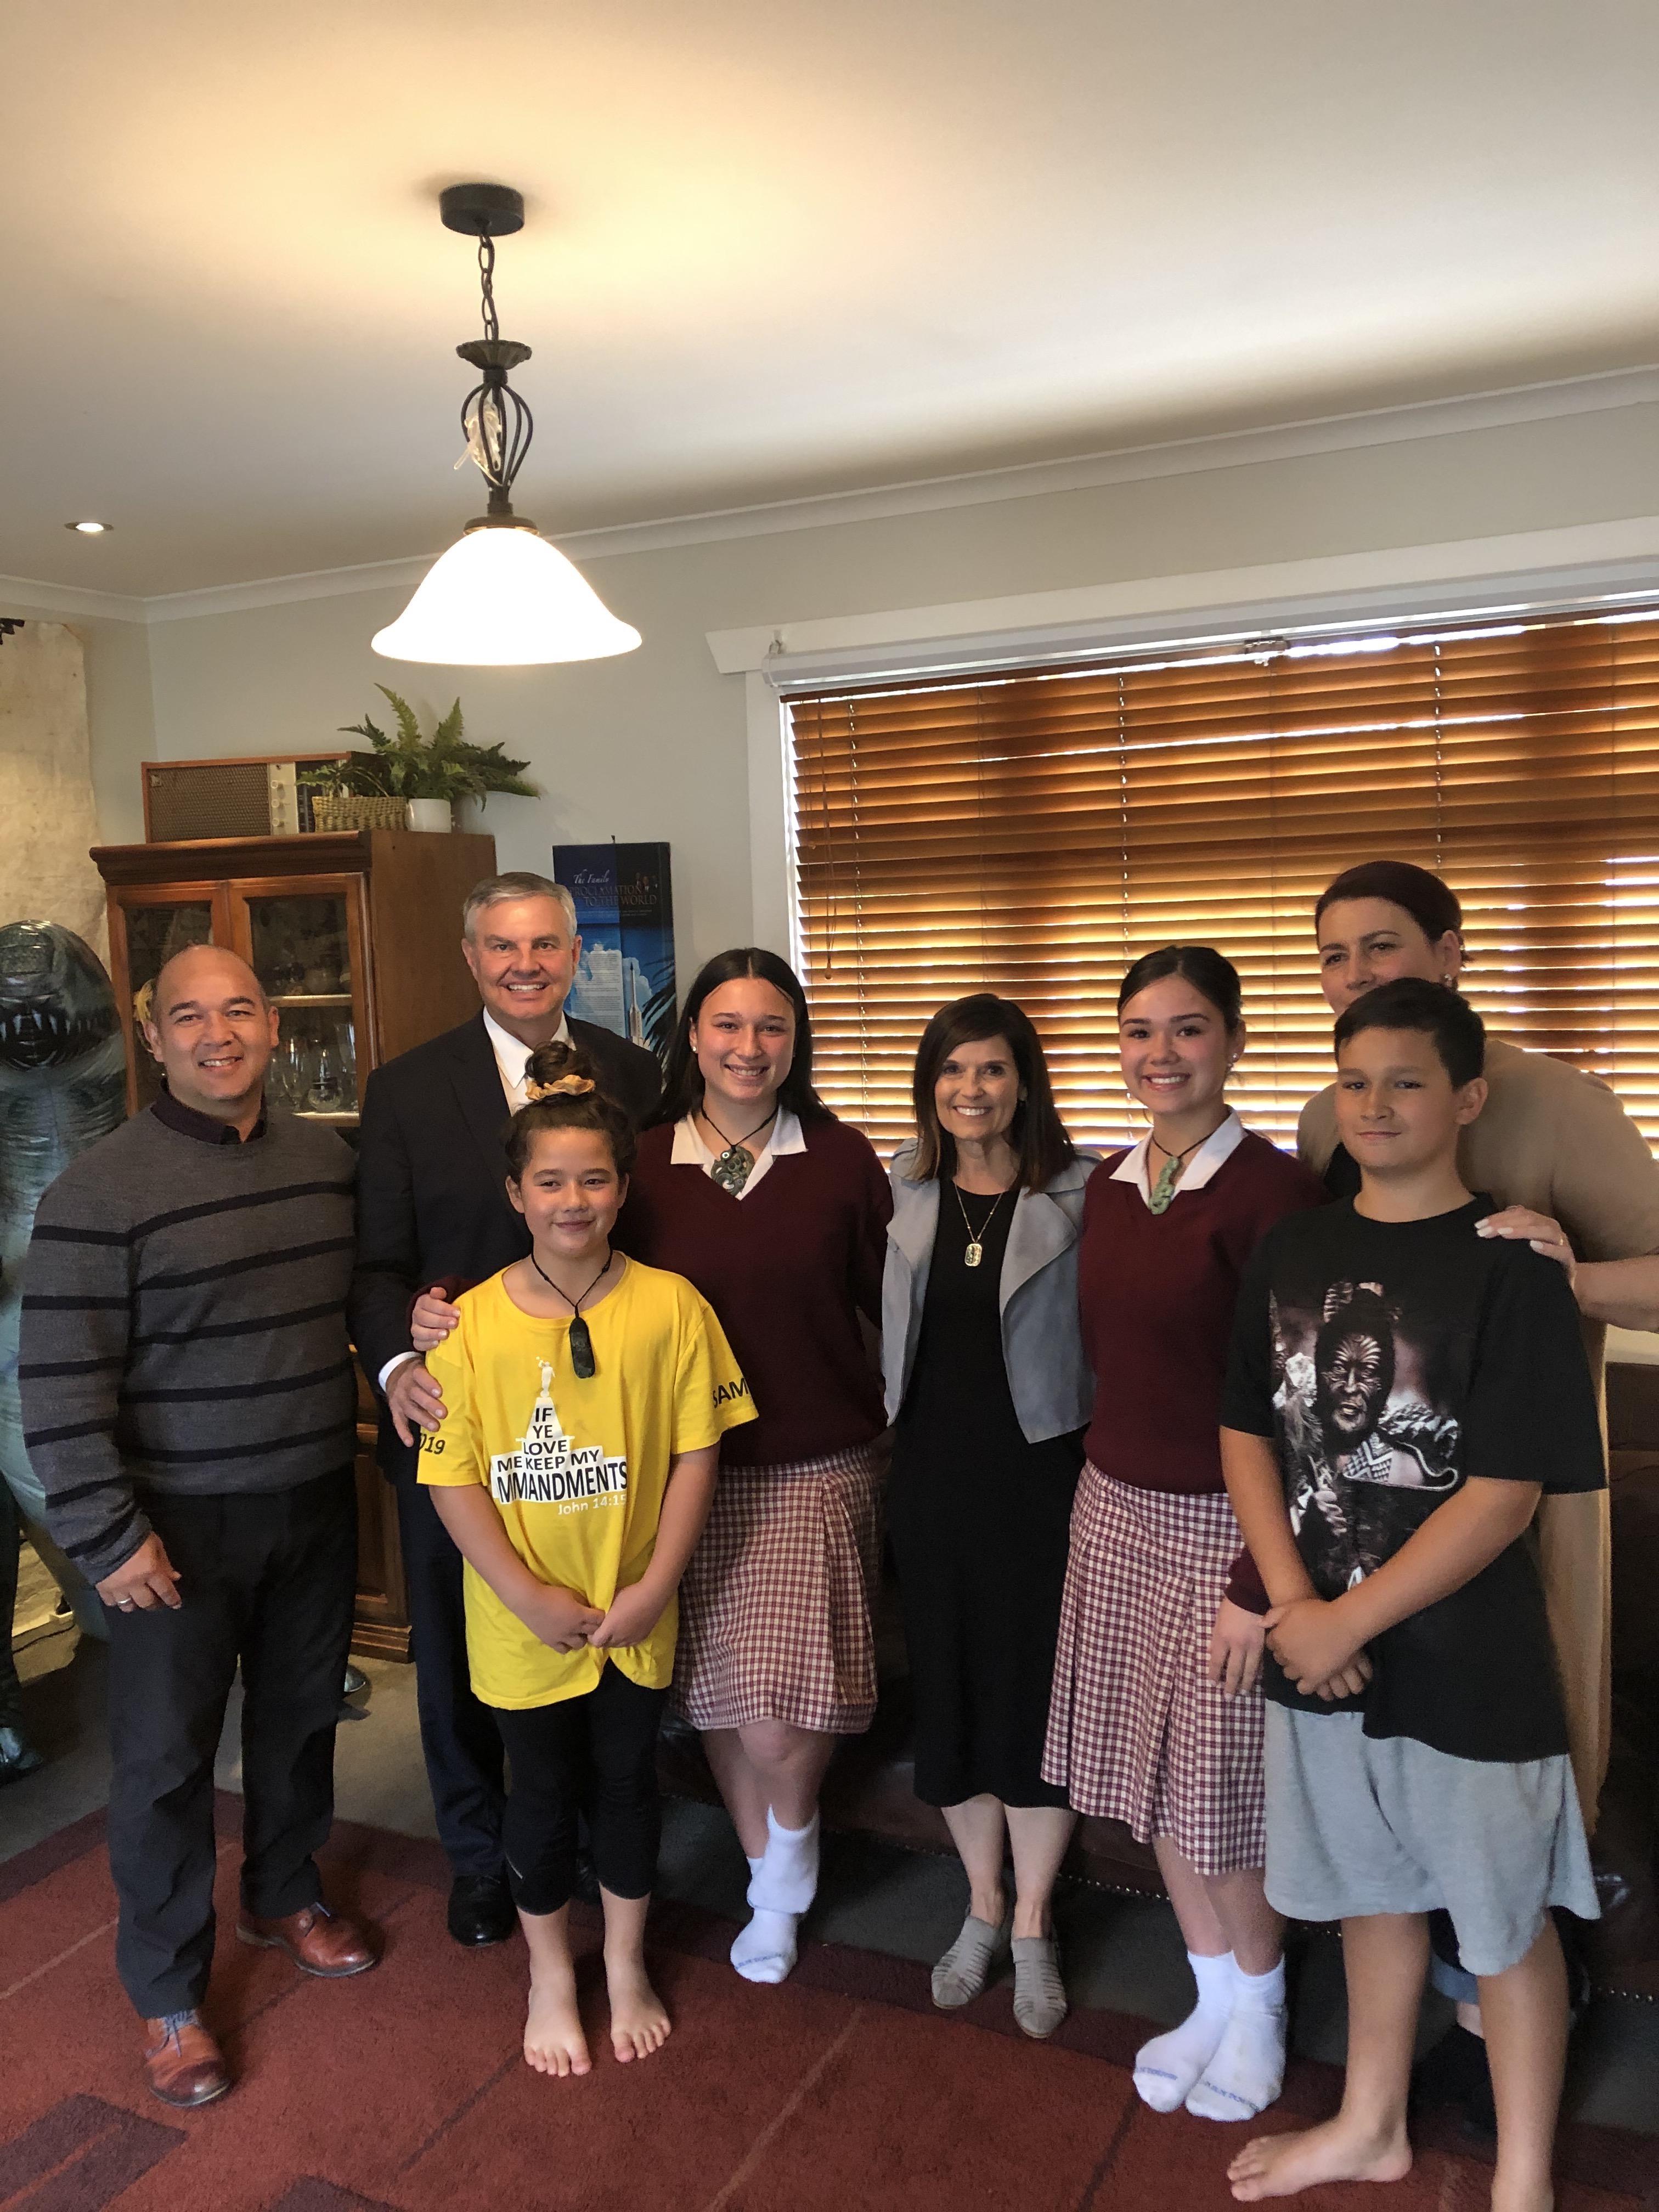 La hermana Becky Craven (centro) y su esposo, el hermano Ron Craven (segundo a la izquierda), posan con una familia Santo de los Últimos Días de Christchurch, Nueva Zelanda, en una visita de ministración a la casa de la familia durante el viaje de la hermana Craven al Área Pacífico, en octubre de 2019.